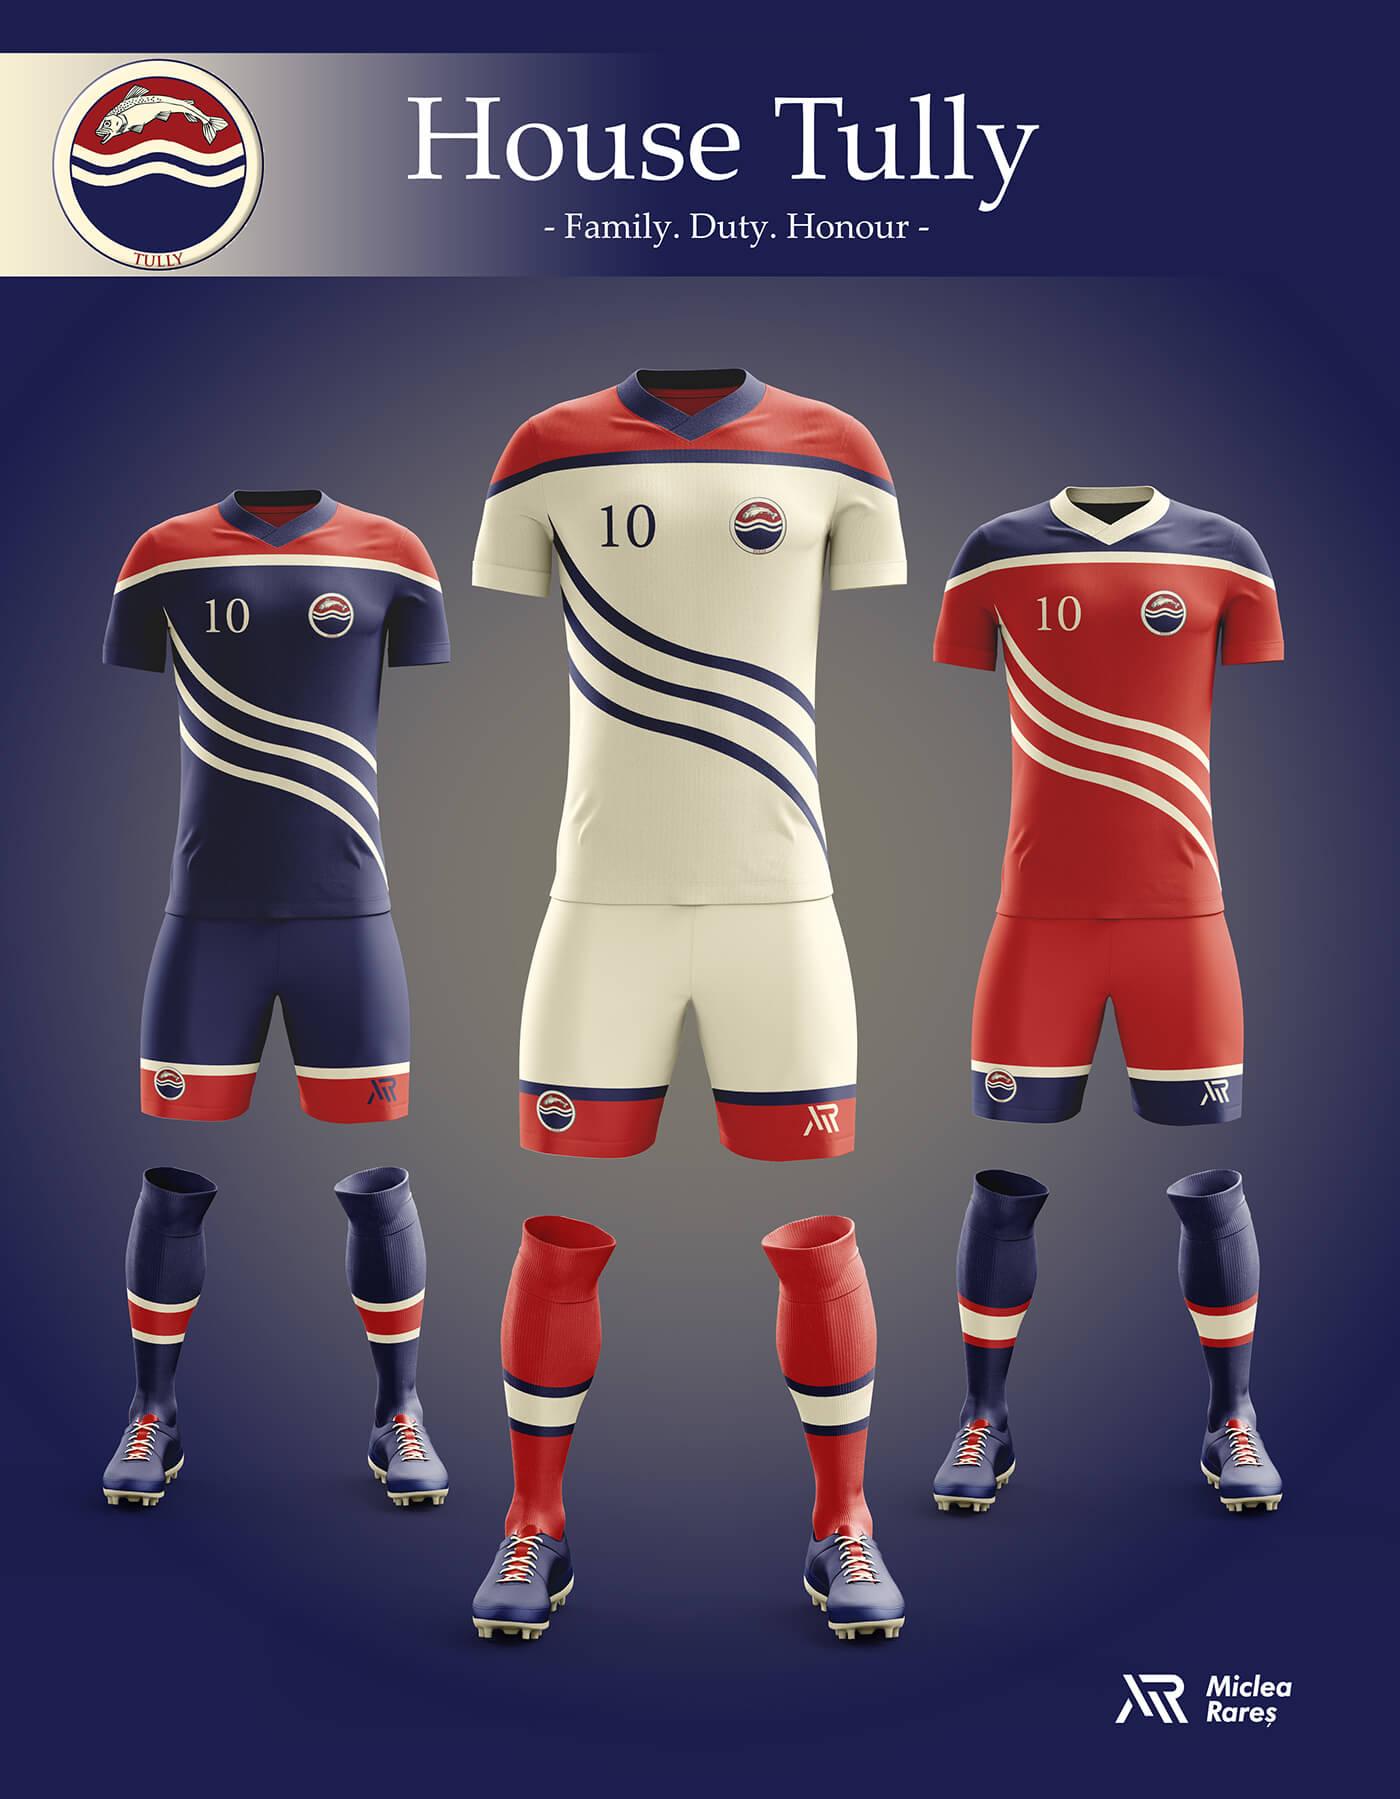 Уникальный дизайн футбольной экипировки Игры престолов, фото 10